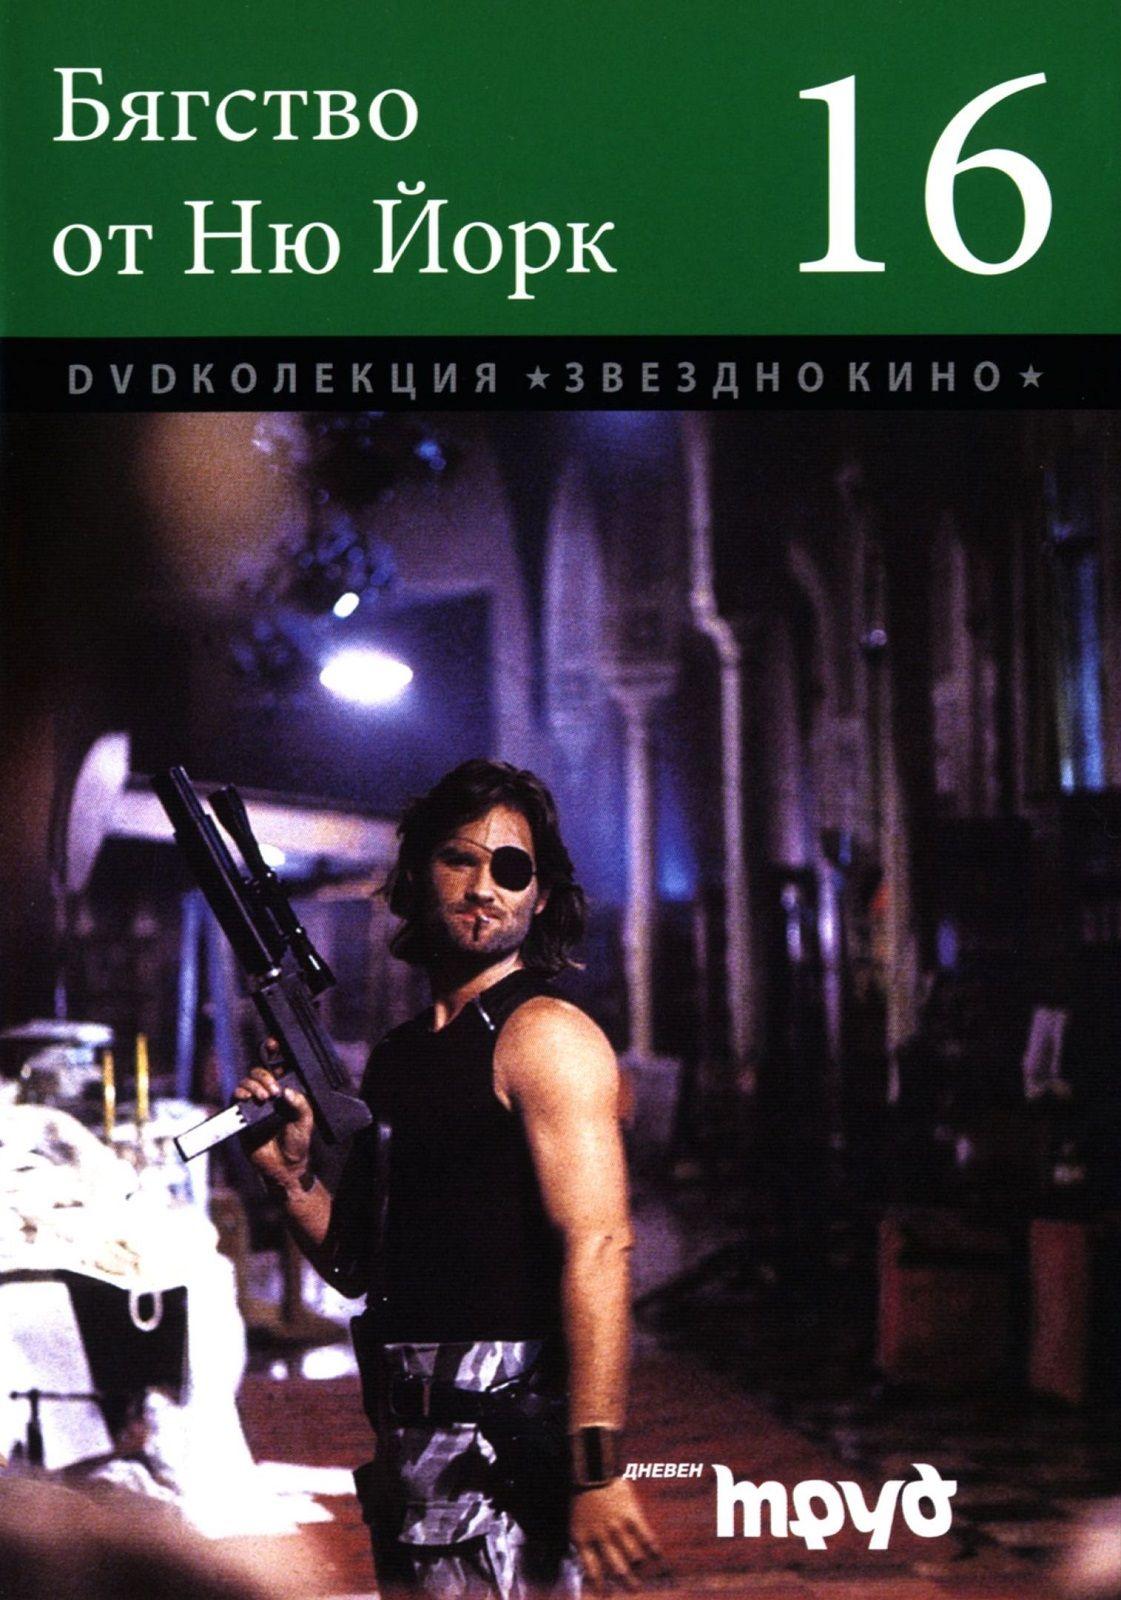 Бягство от Ню Йорк (DVD) - 1